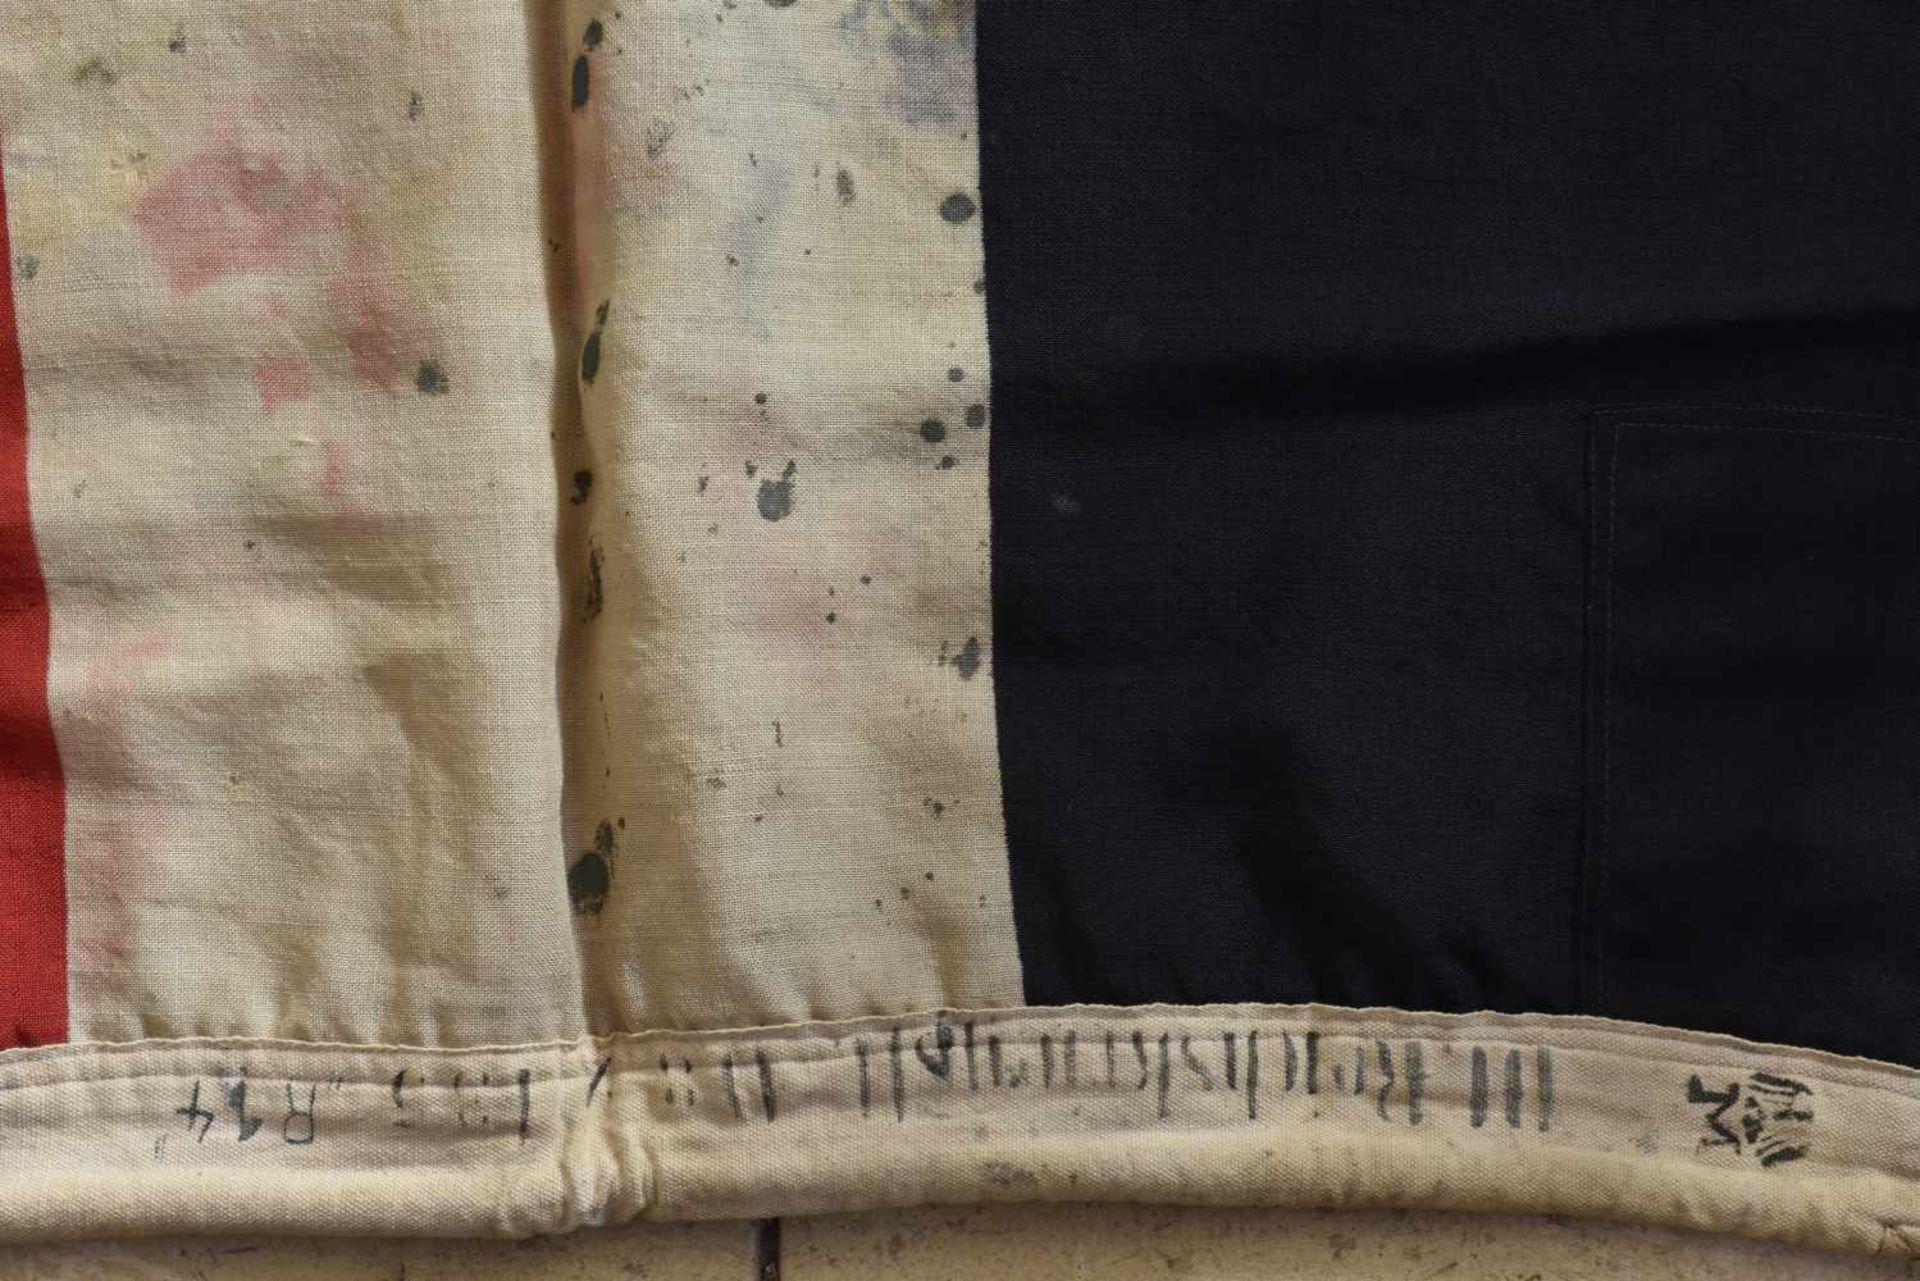 Los 1 - Drapeau allemand de la première guerre mondiale En tissu coton. Croix de fer imprimée en son milieu.